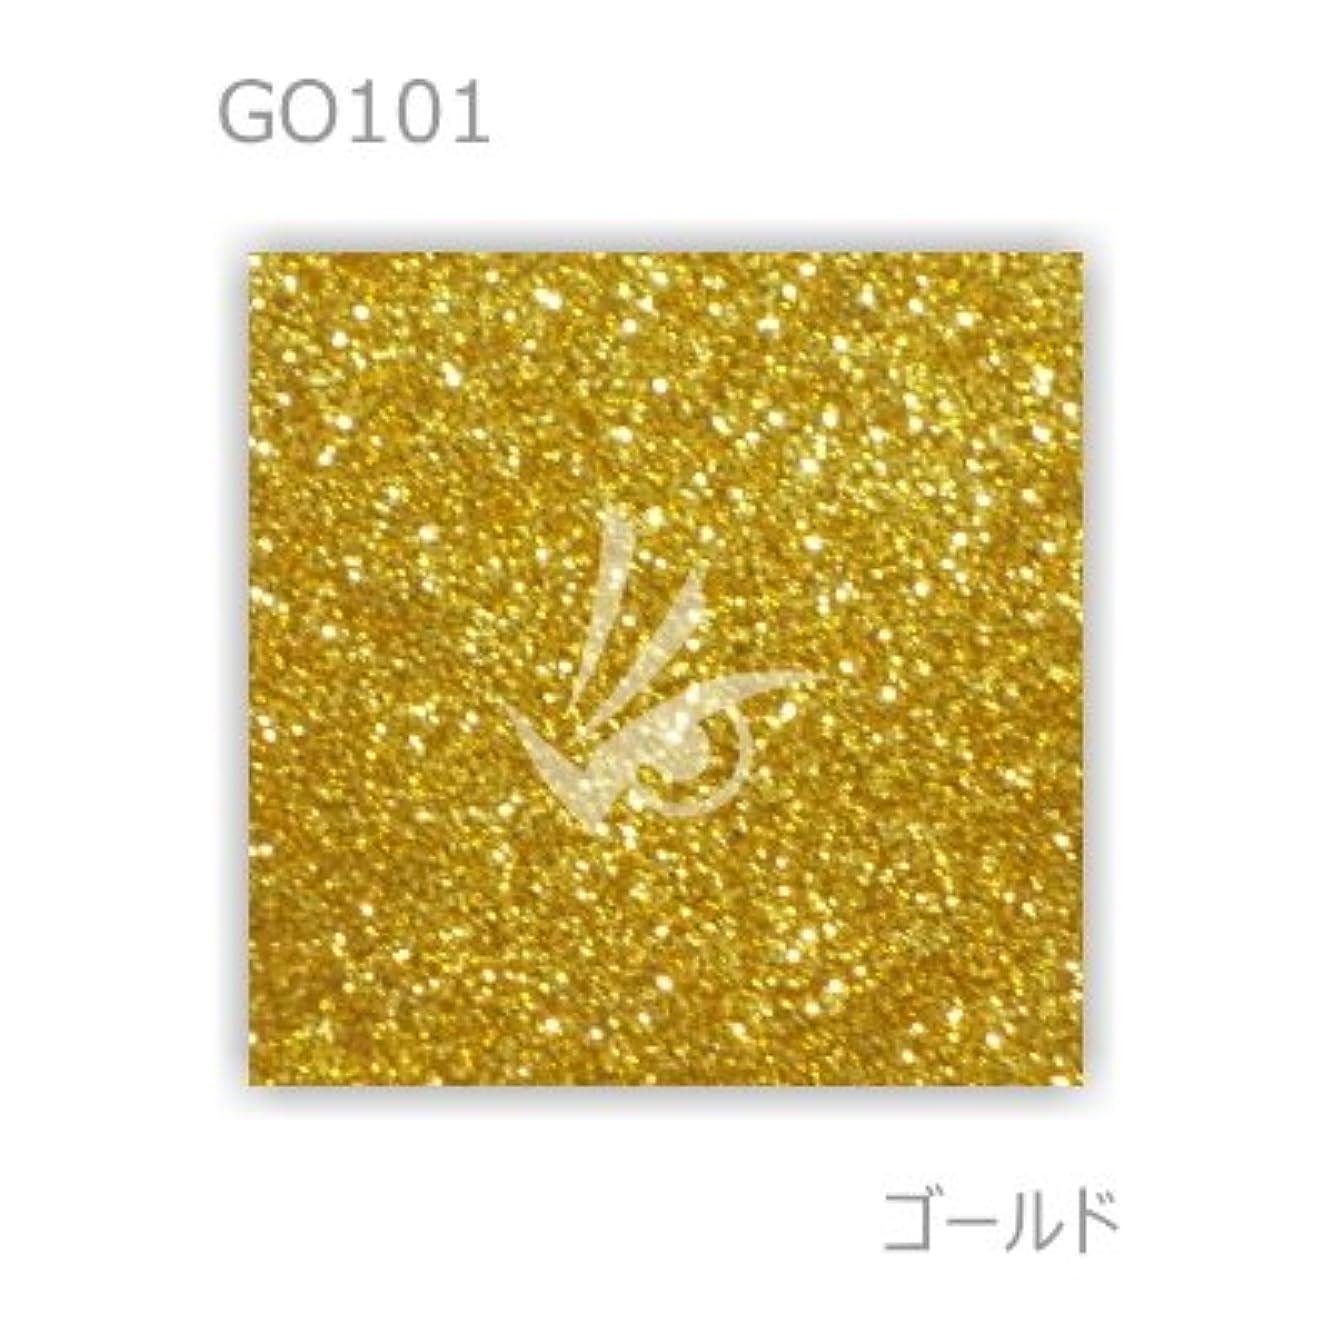 容量十ホールドオール業務用 グリッター ラメパウダー ホログラム (ゴールド) (1kg) (0.2mm)